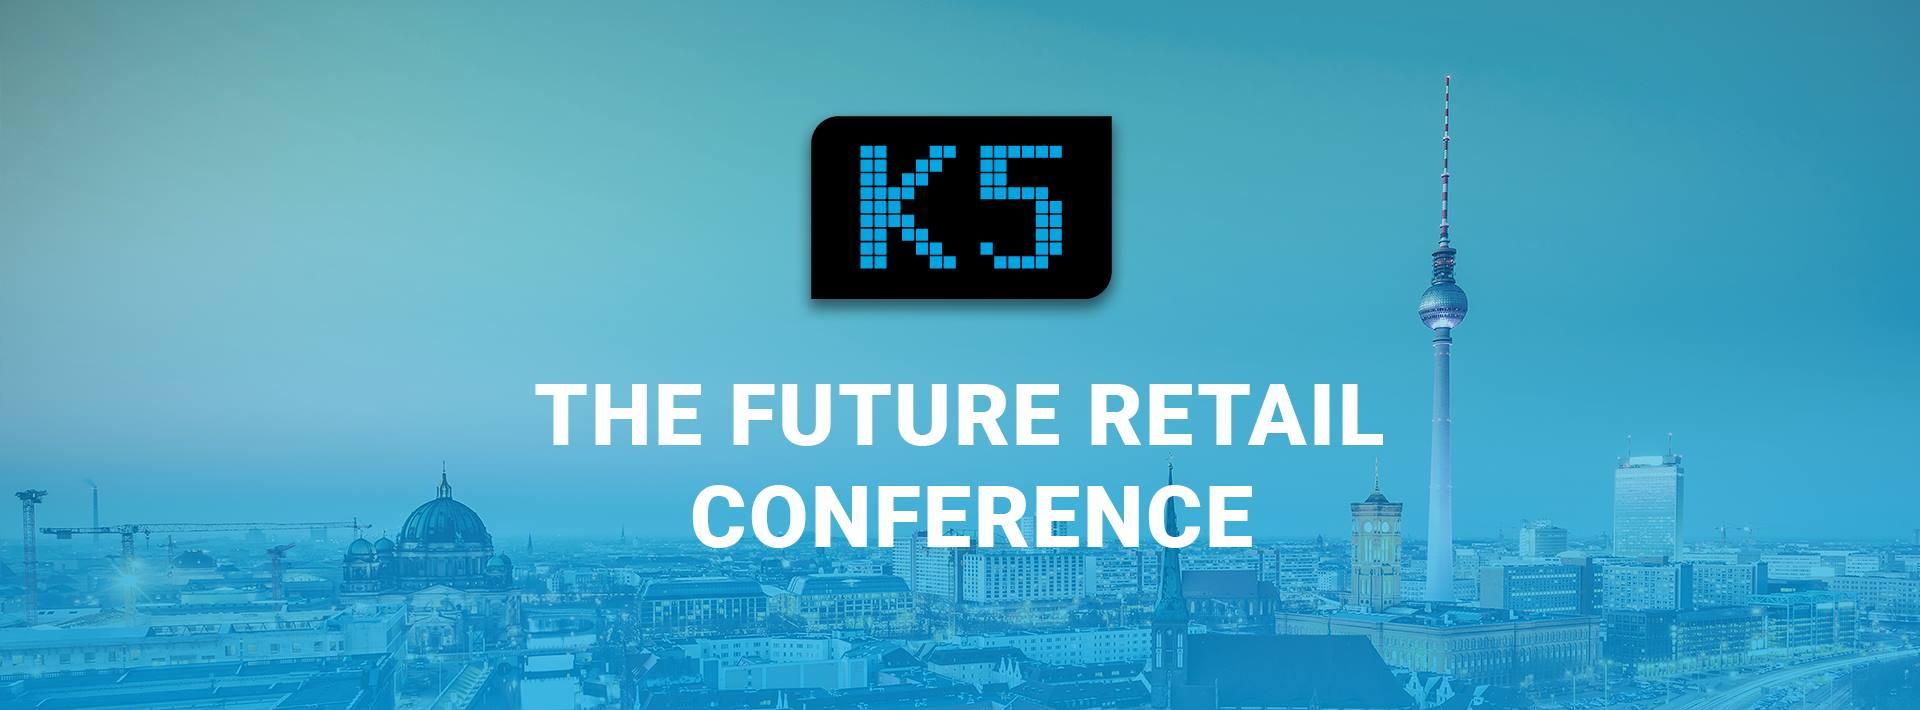 K5: Konferenz für den Handel der Zukunft